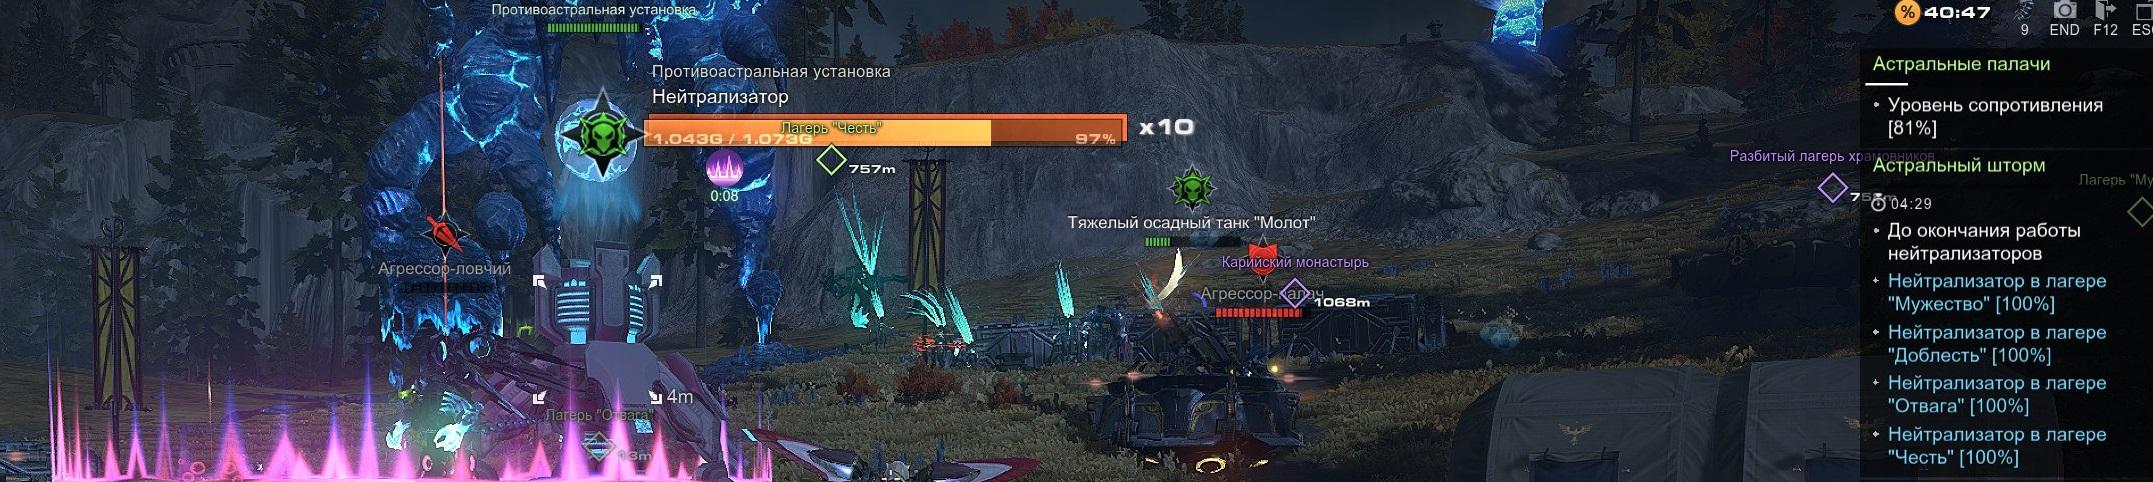 Screenshots 201001 141017.jpg